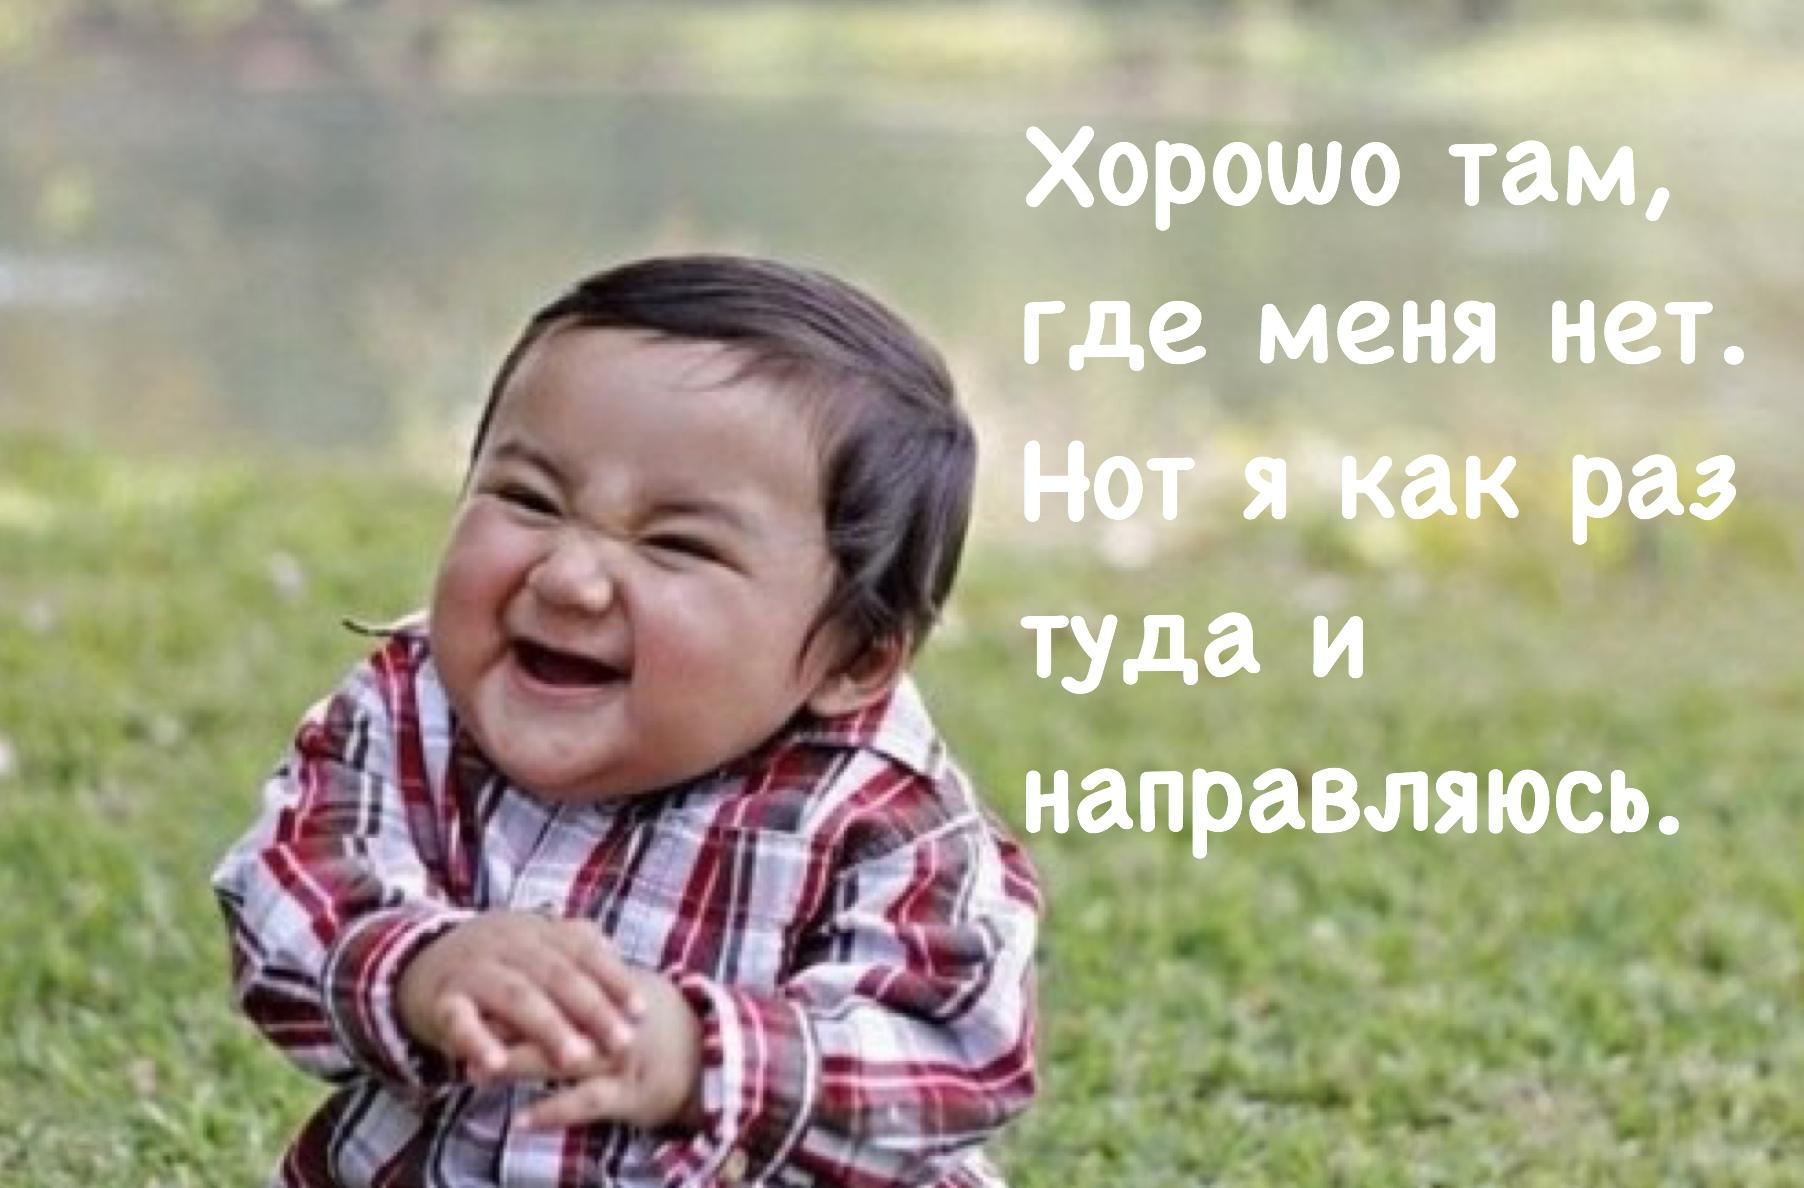 https://pp.userapi.com/c846417/v846417400/113c51/3Ybx9l9k56I.jpg